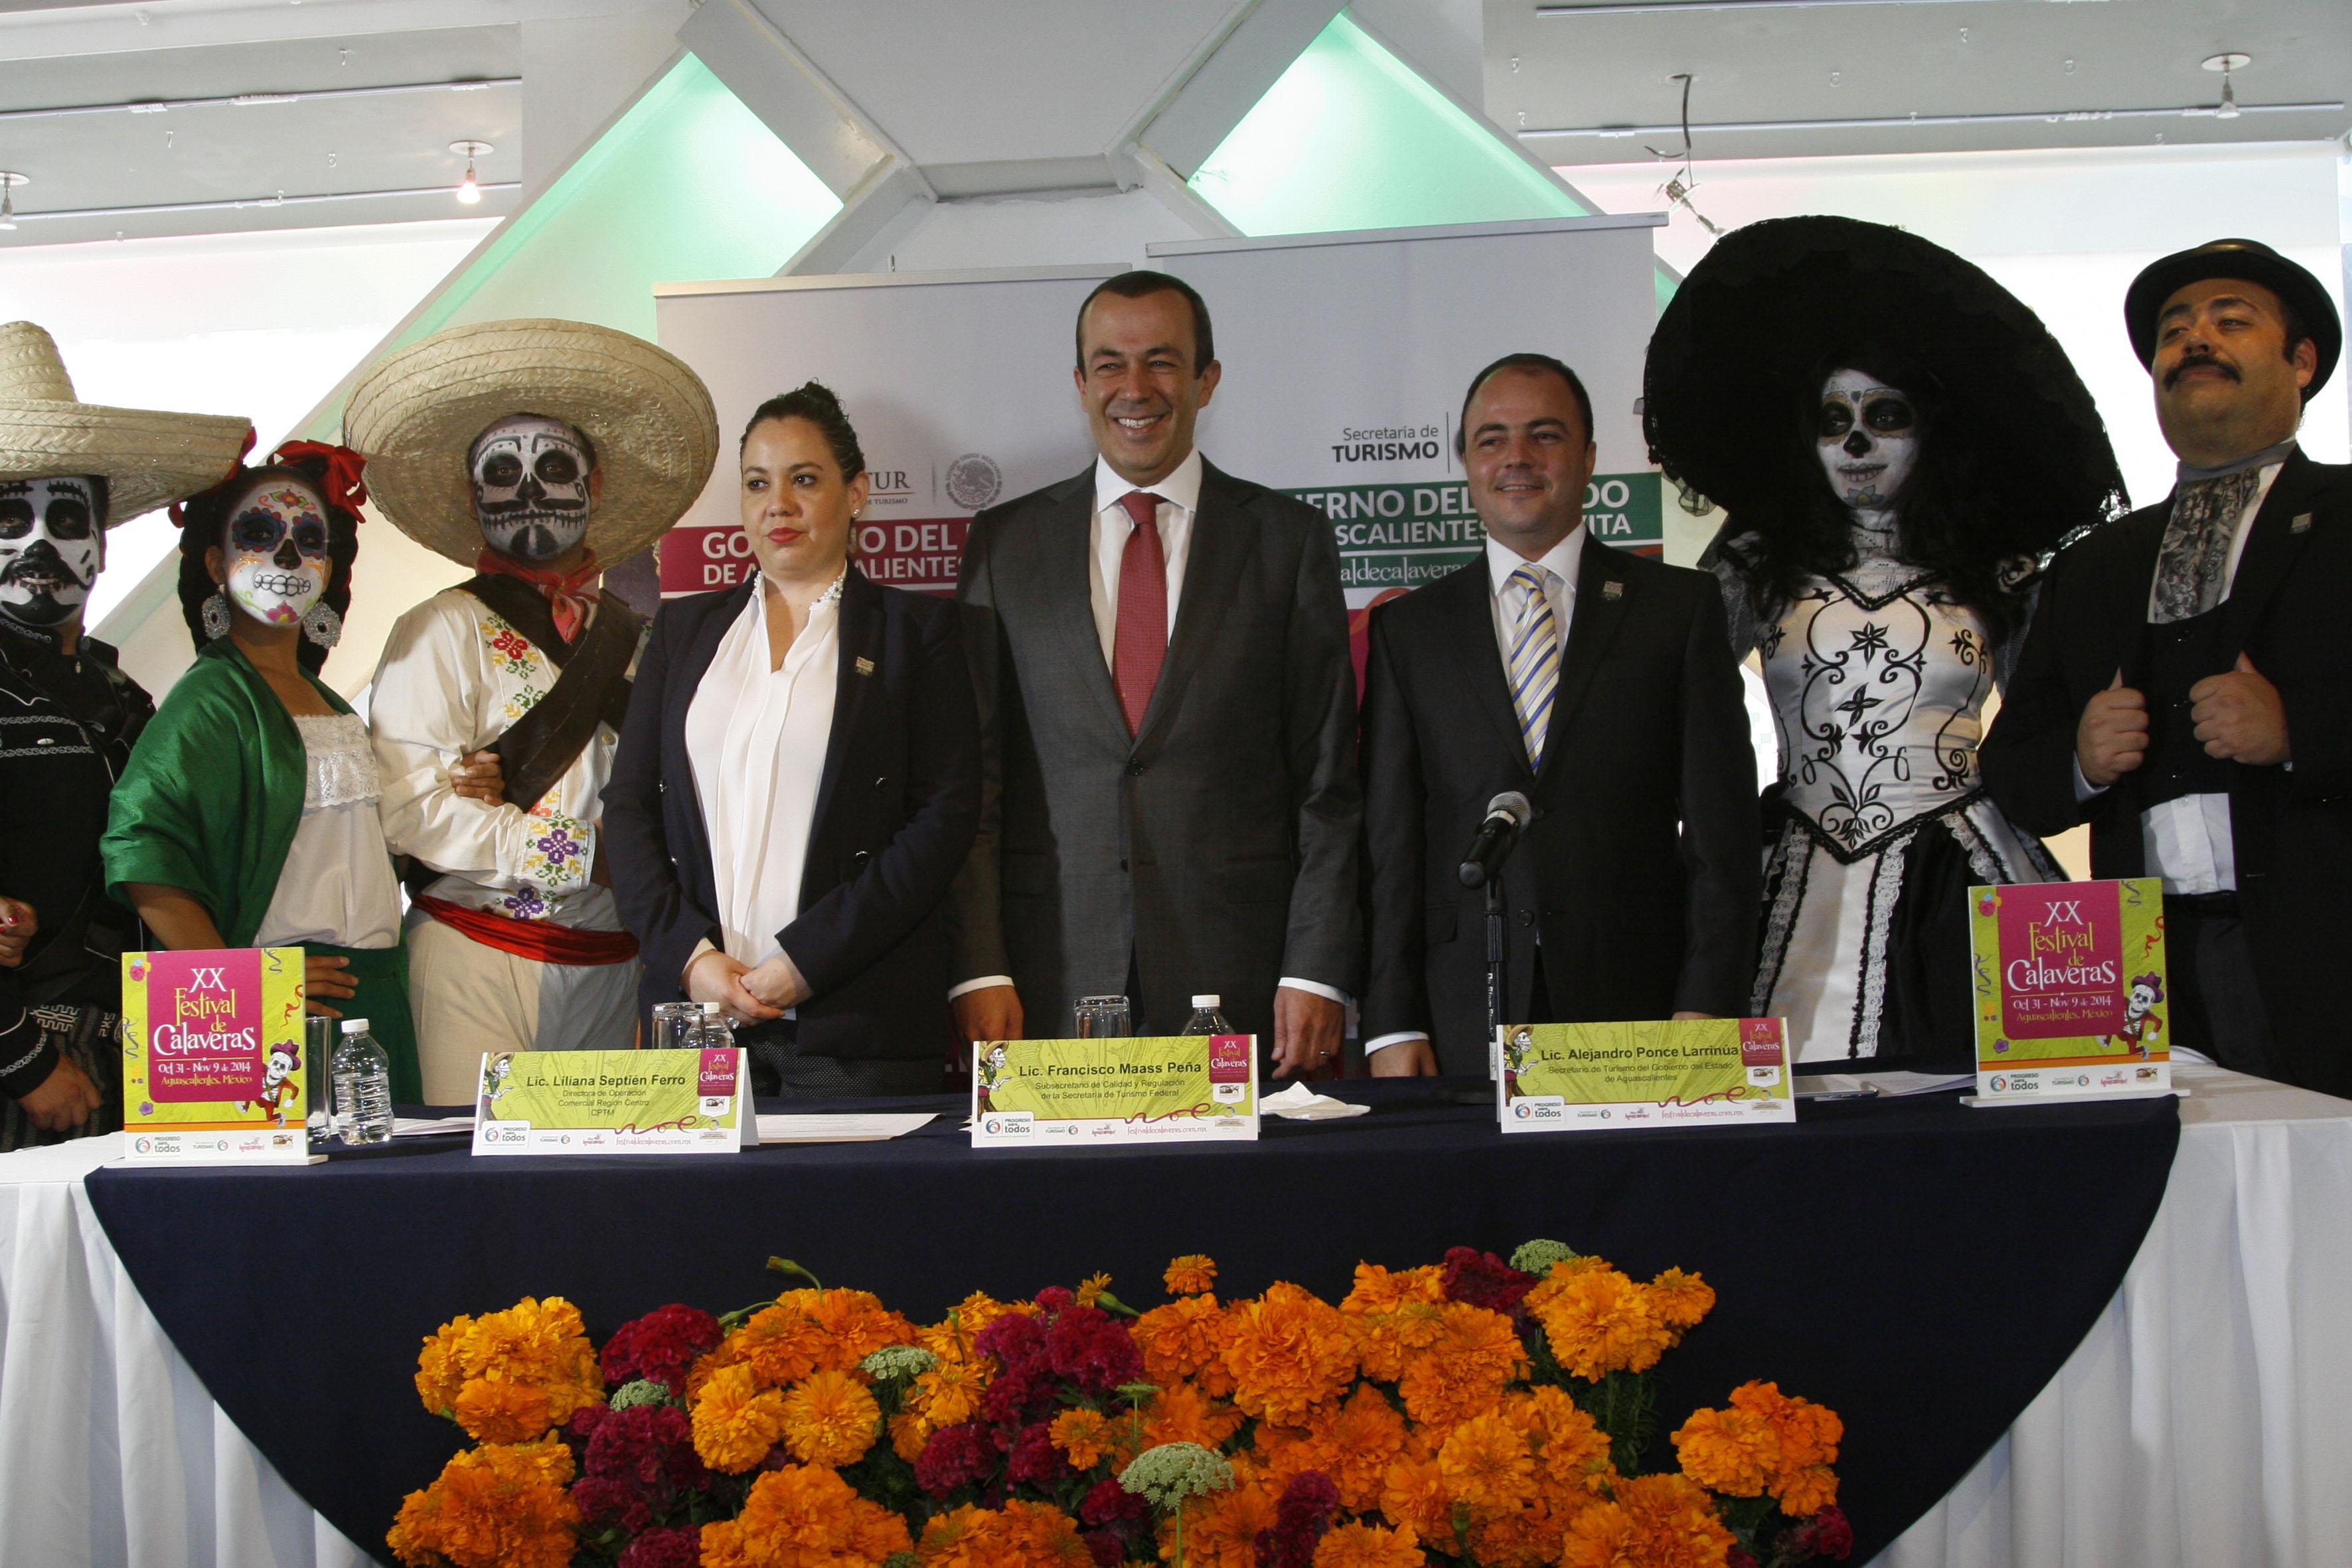 XX edición del Festival de Calaveras, Aguascalientes 2014, en Punto México.